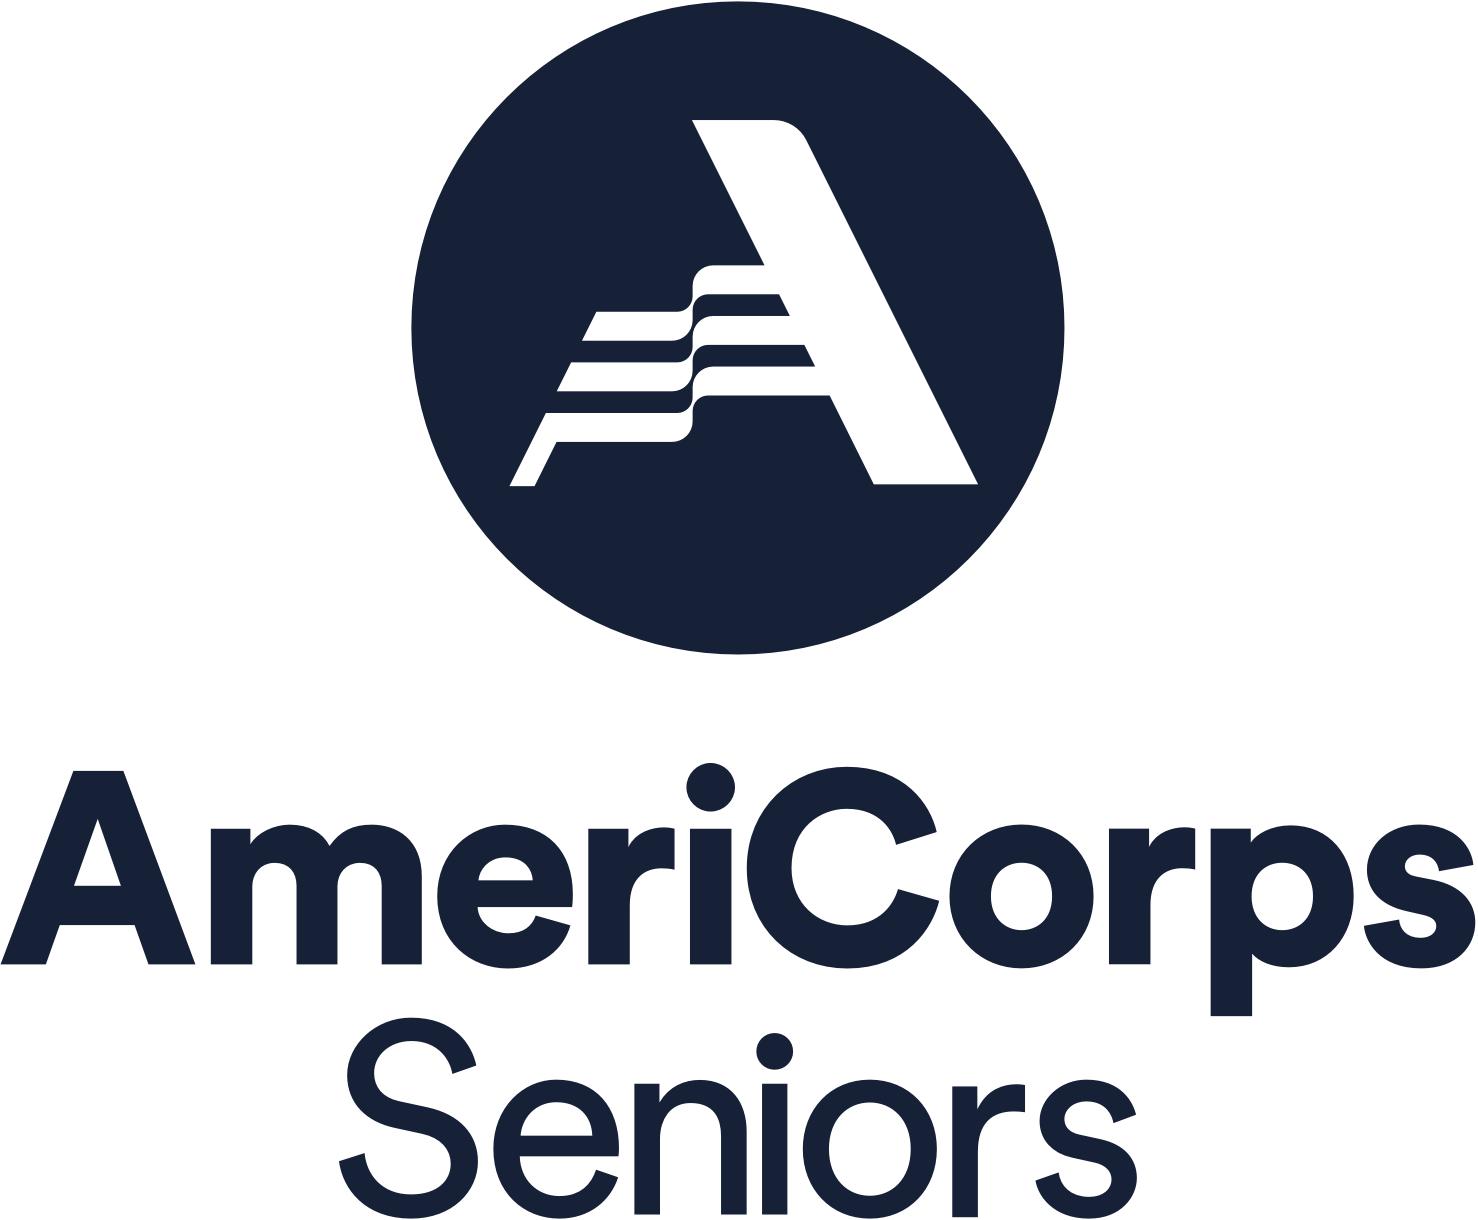 Americorps_Seniors_Stackedlogo_Navy